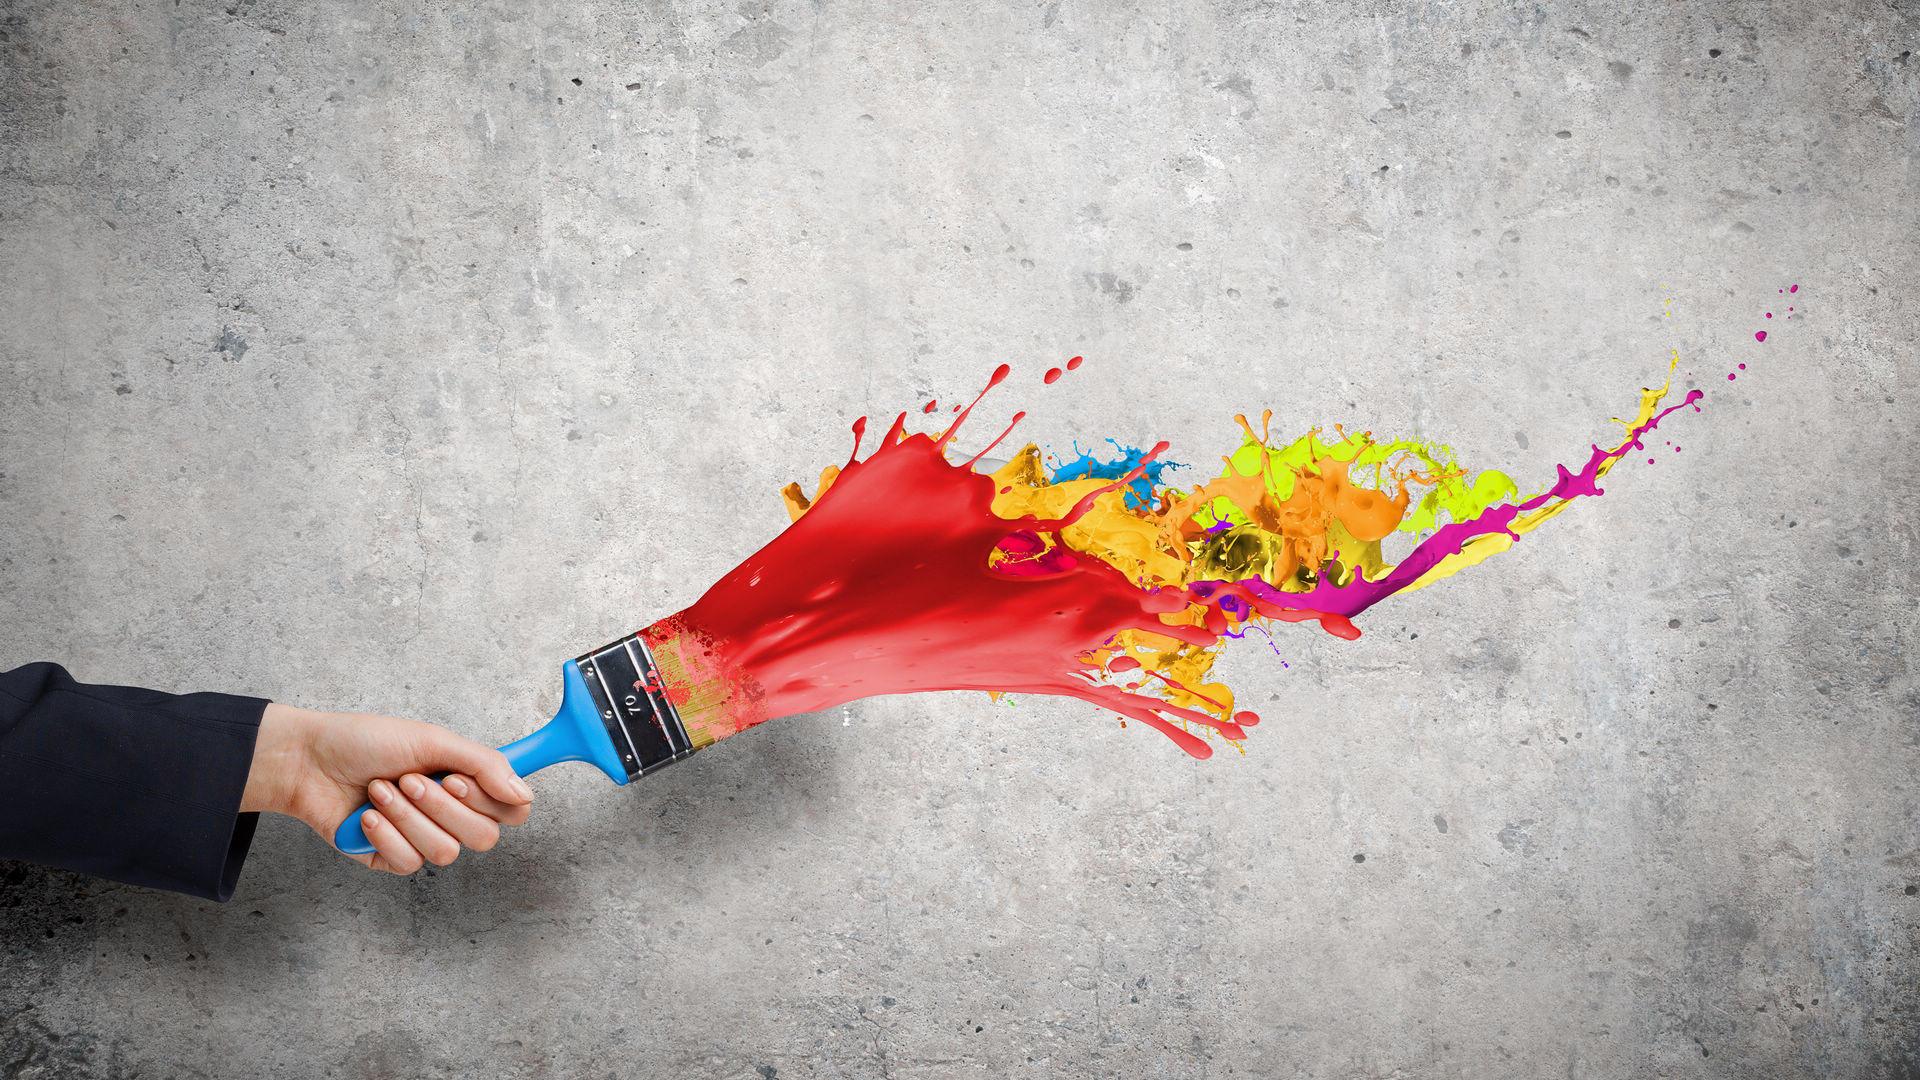 画笔颜料色彩素材高清PPT背景图片免费下载是由PPT宝藏(www.pptbz.com)会员zengmin上传推荐的简约PPT背景图片, 更新时间为2017-01-22,素材编号120779。 颜料就是能使物体染上颜色的物质。 主要应用于涂料、油墨、印染、塑料制品、造纸、橡胶制品和陶瓷等行业,随着下游行业的快速发展,对颜料的需求不断扩大,中国颜料行业的发展前景十分广阔。 2011年我国染料和有机颜料进出口总量均呈现下降趋势。其中,染料出口24.